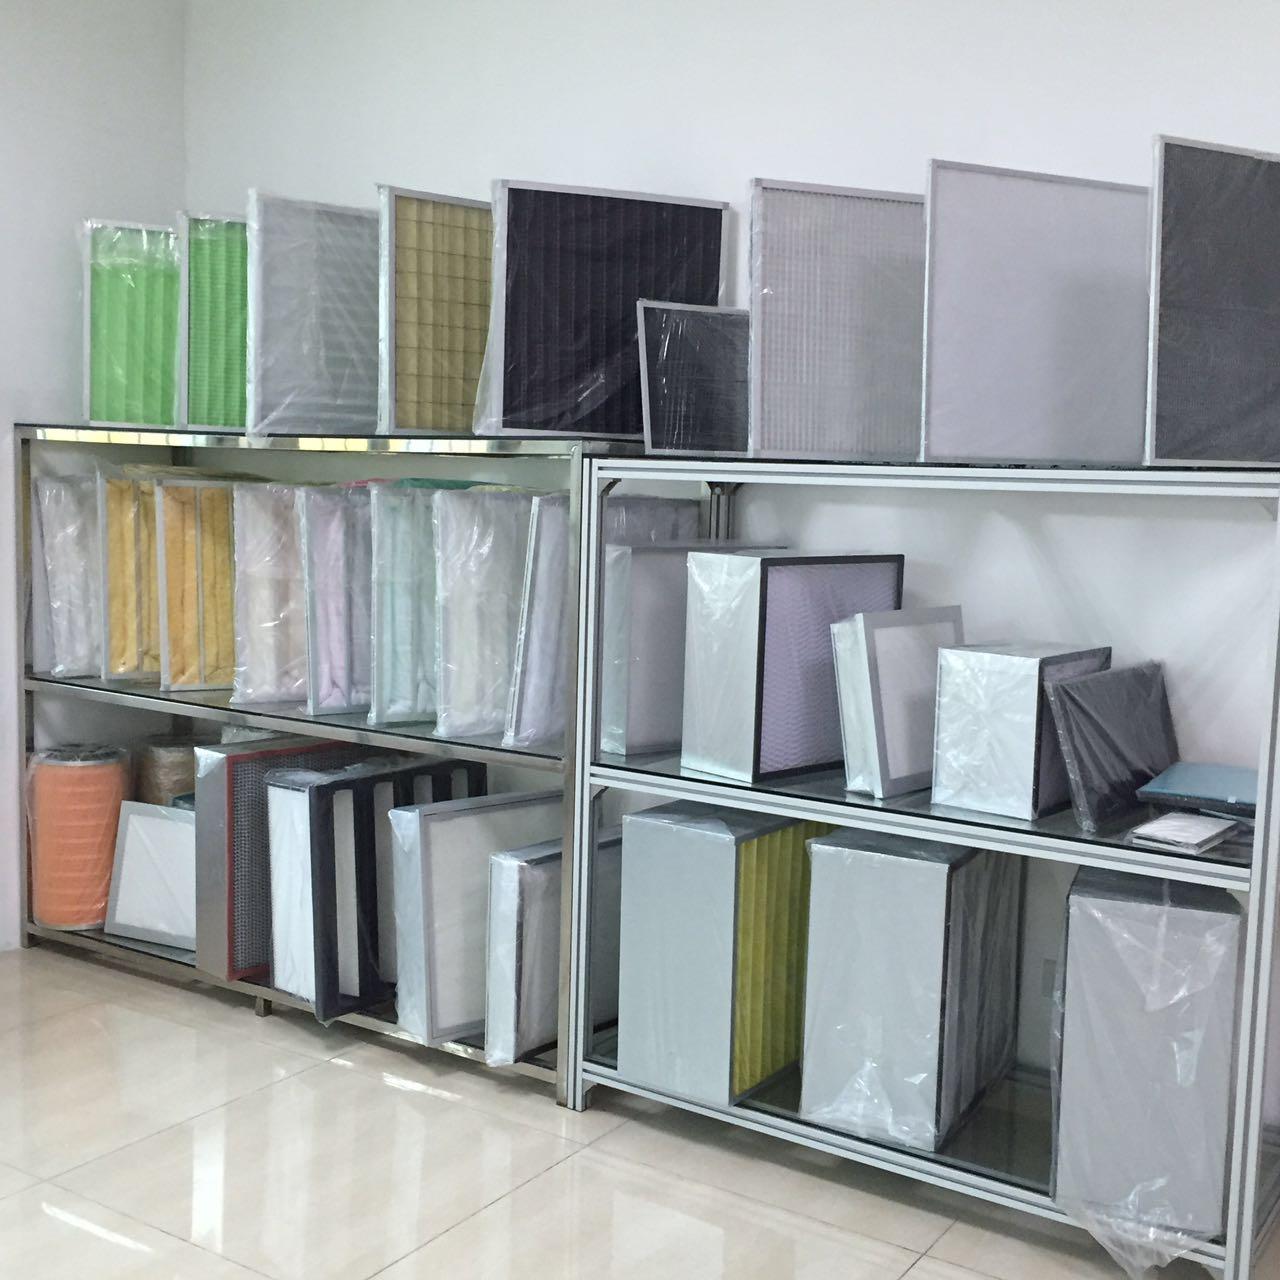 乐昌医院病房新风机组F5、F6、F7、F8、F9级中效过滤器生产厂家